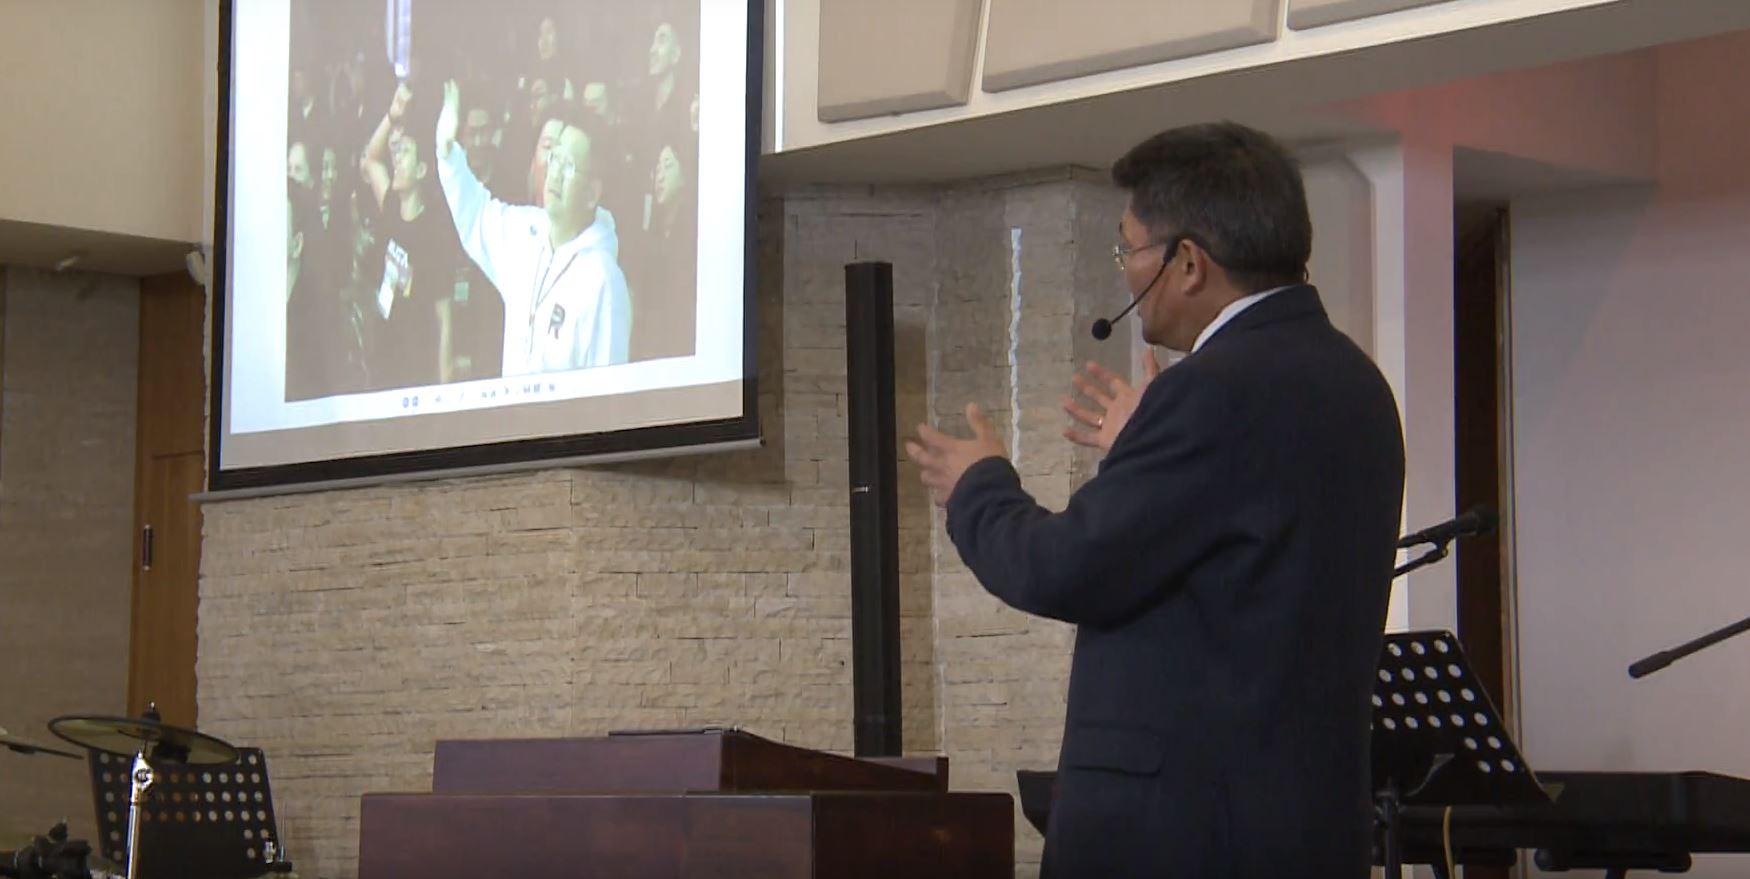 Свидетельство: Конференция Руста-18. Поездка в Сеул. Геннадий Ни